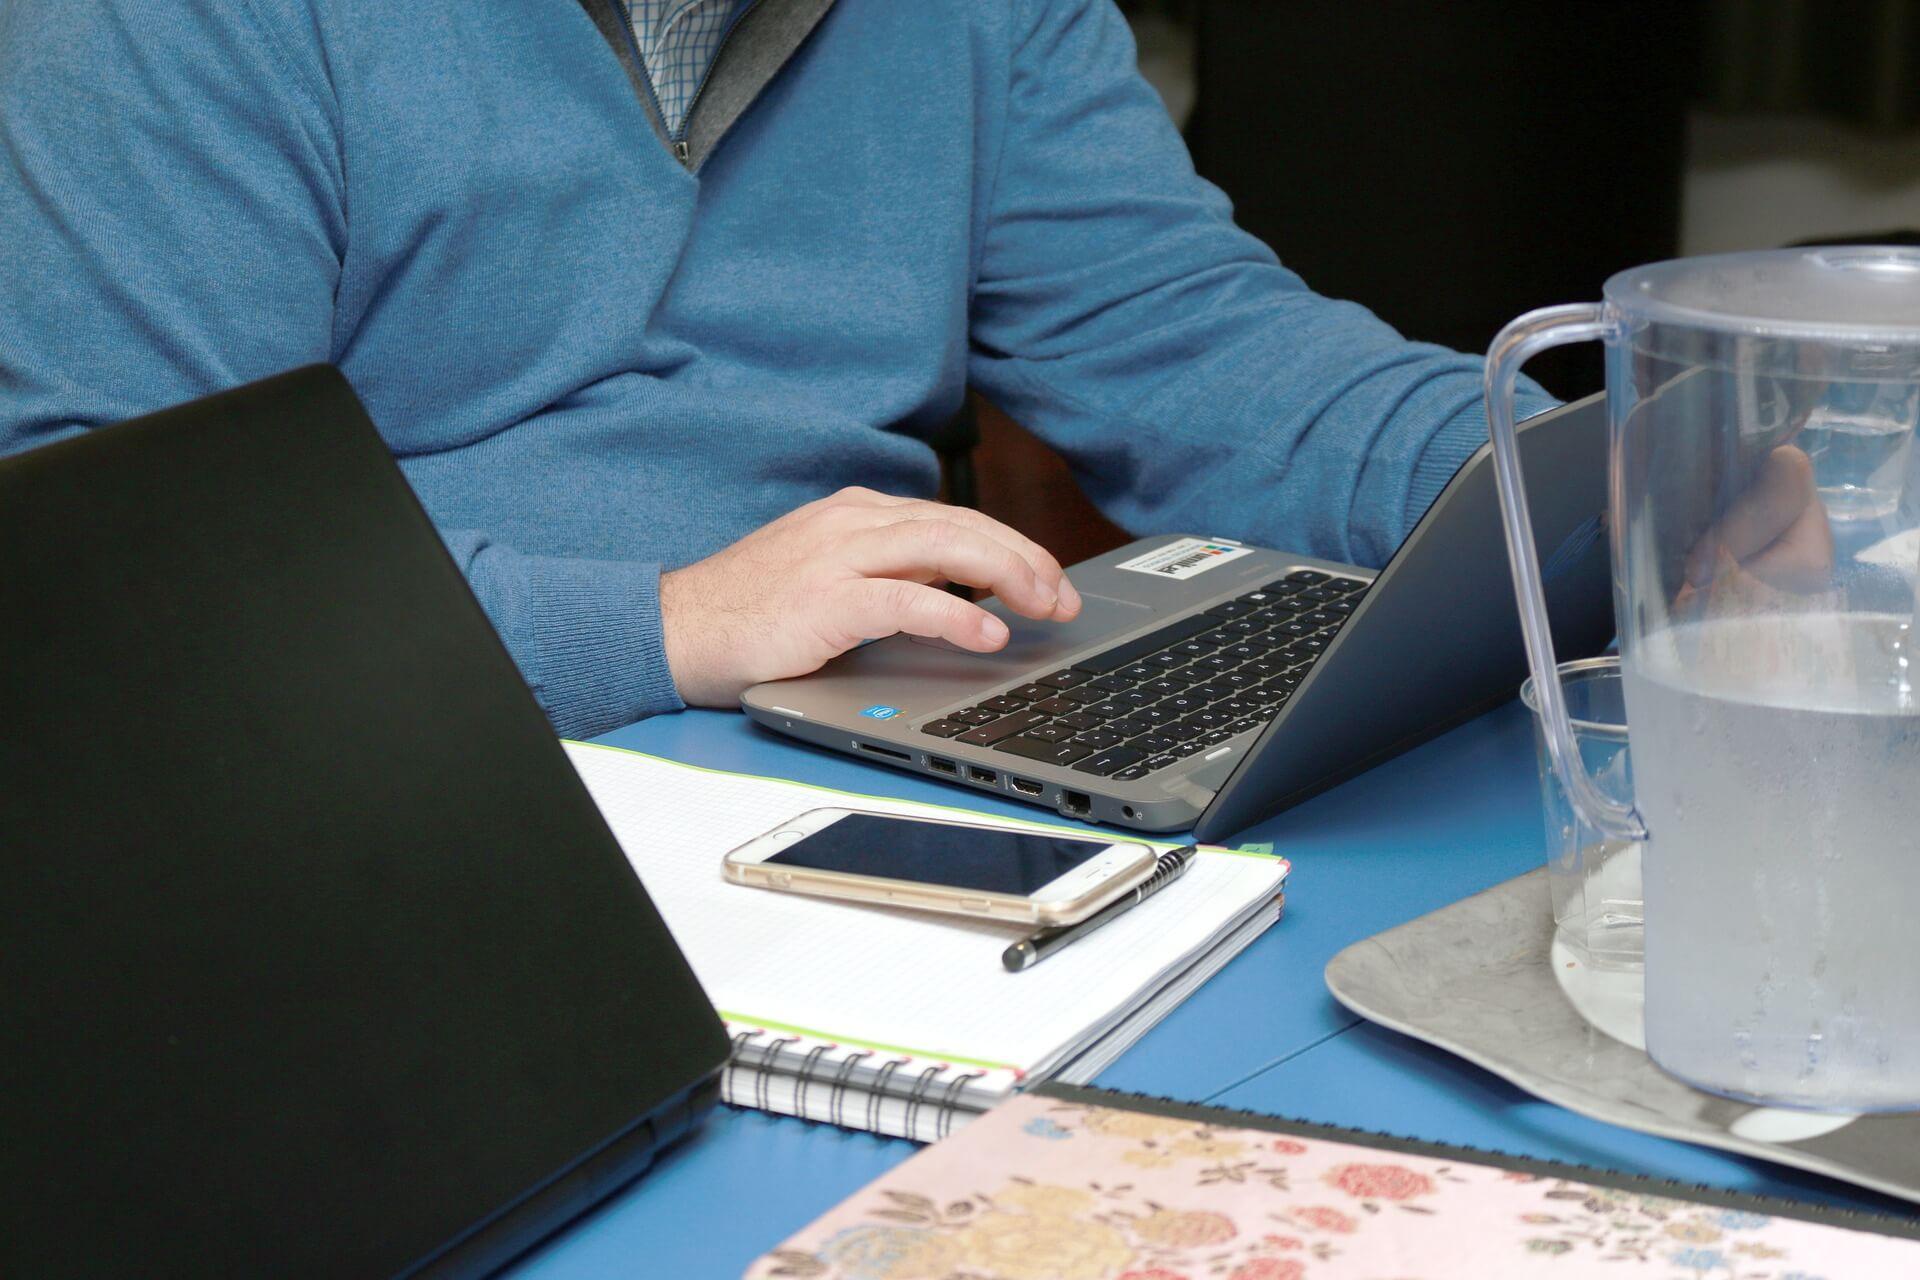 사람앉아서-노트북-핸드폰-펜